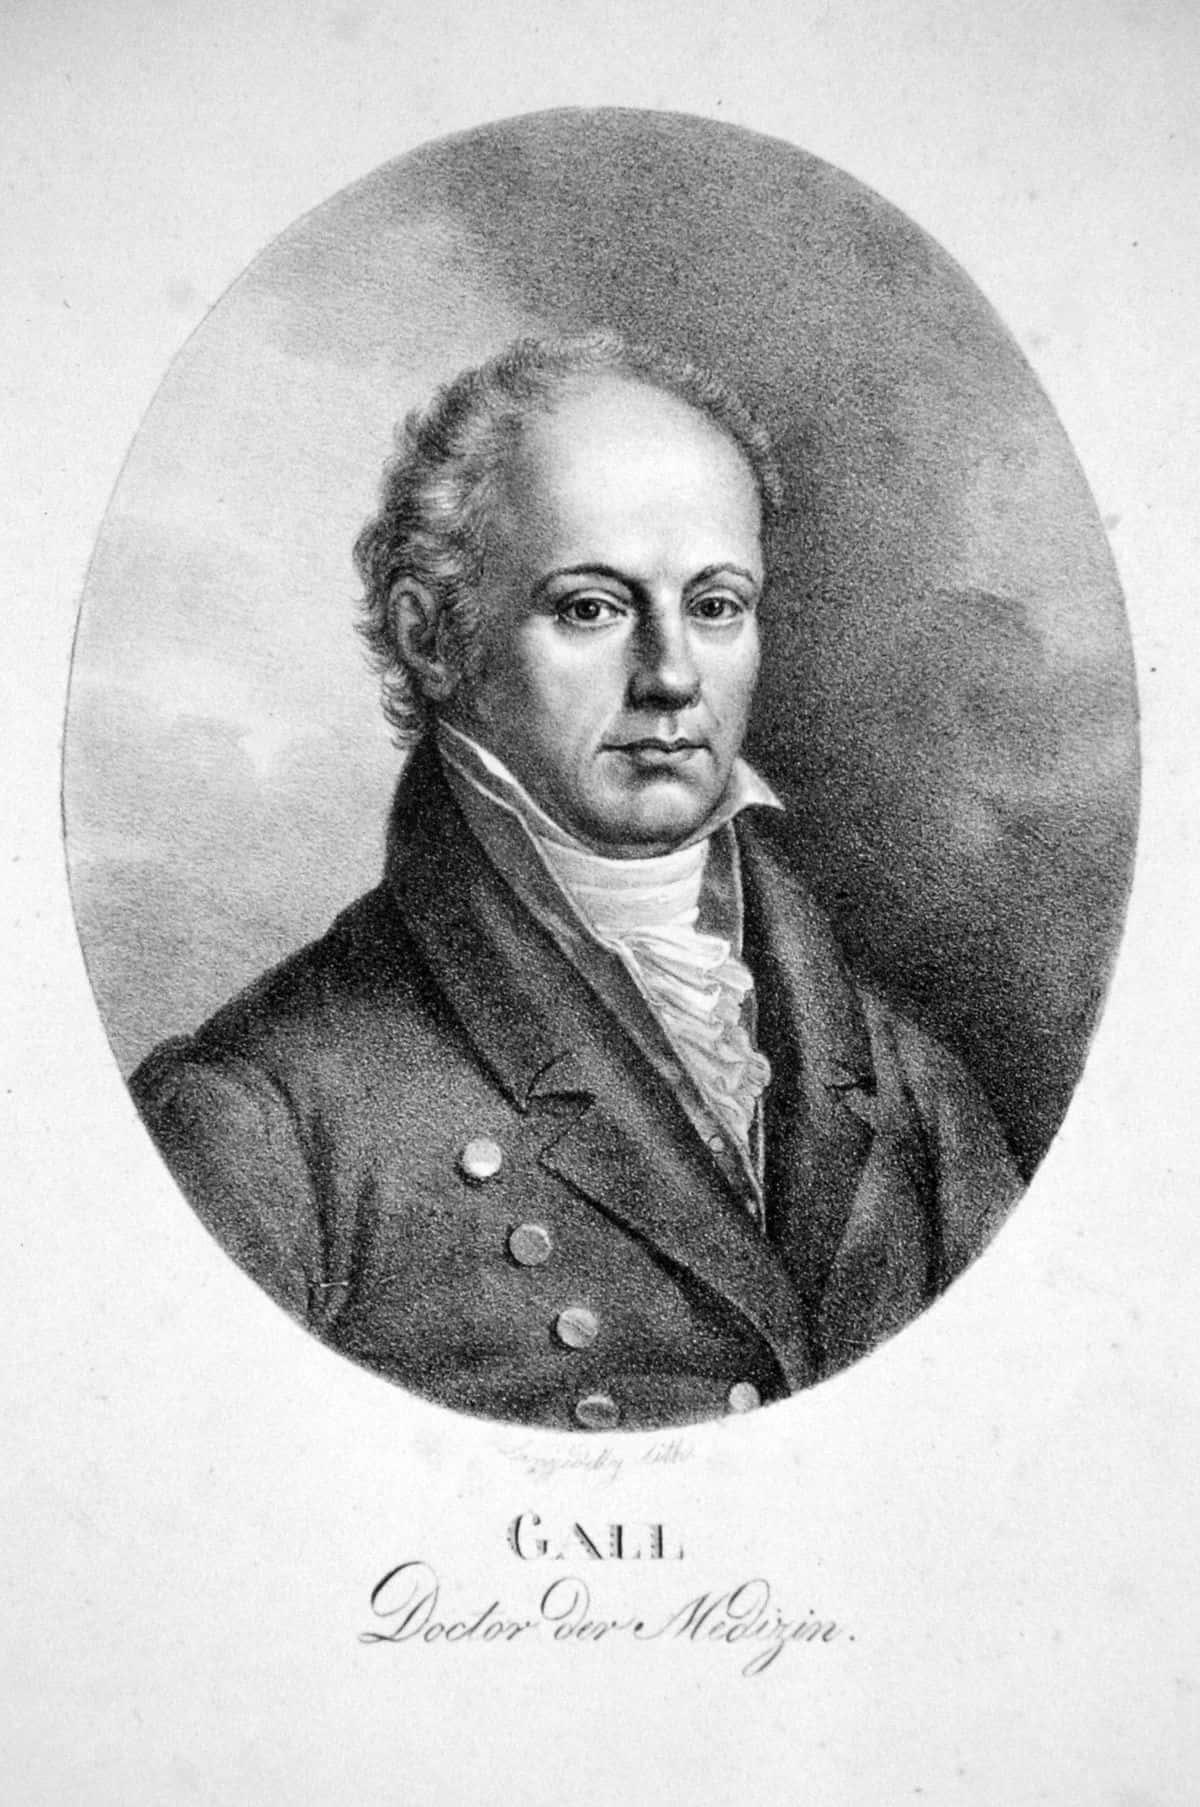 Le docteur Joseph Gall